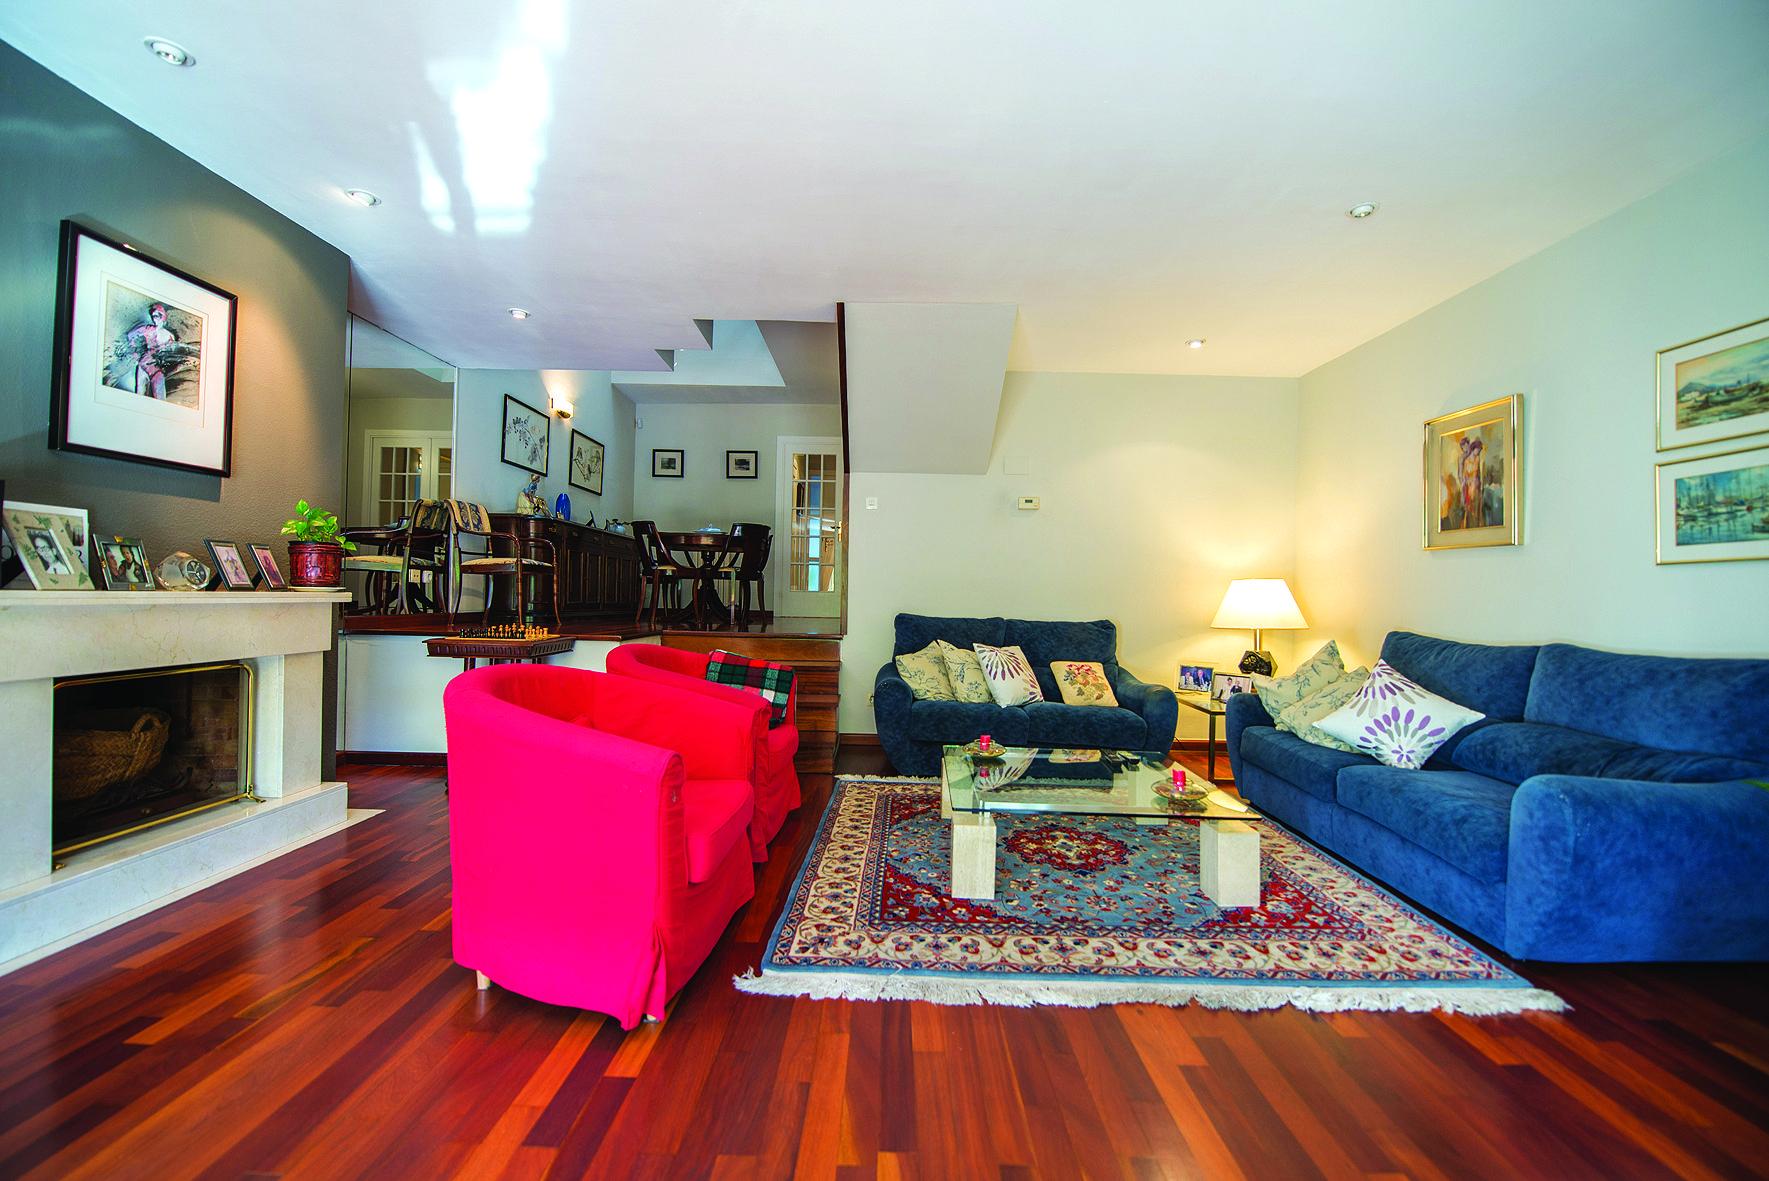 Els amplis espais interiors faran que tothom pugui gaudir de casa. FOTO: Cedida